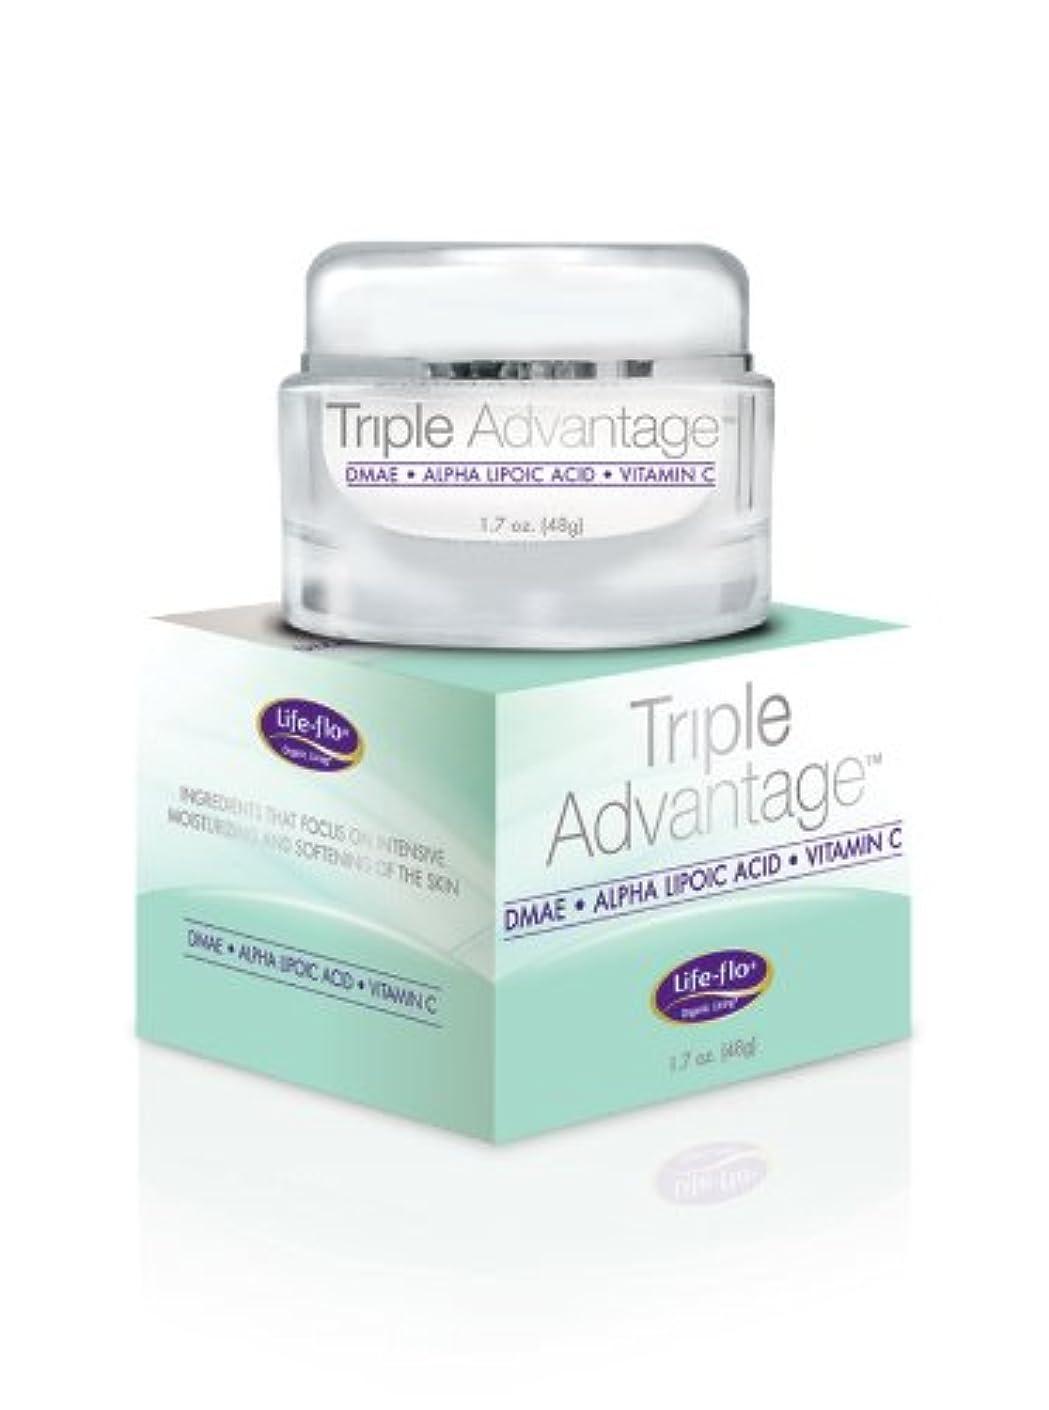 レッスンガロン捨てる海外直送品 Life-Flo Triple Advantage Cream, 1.7 OZ